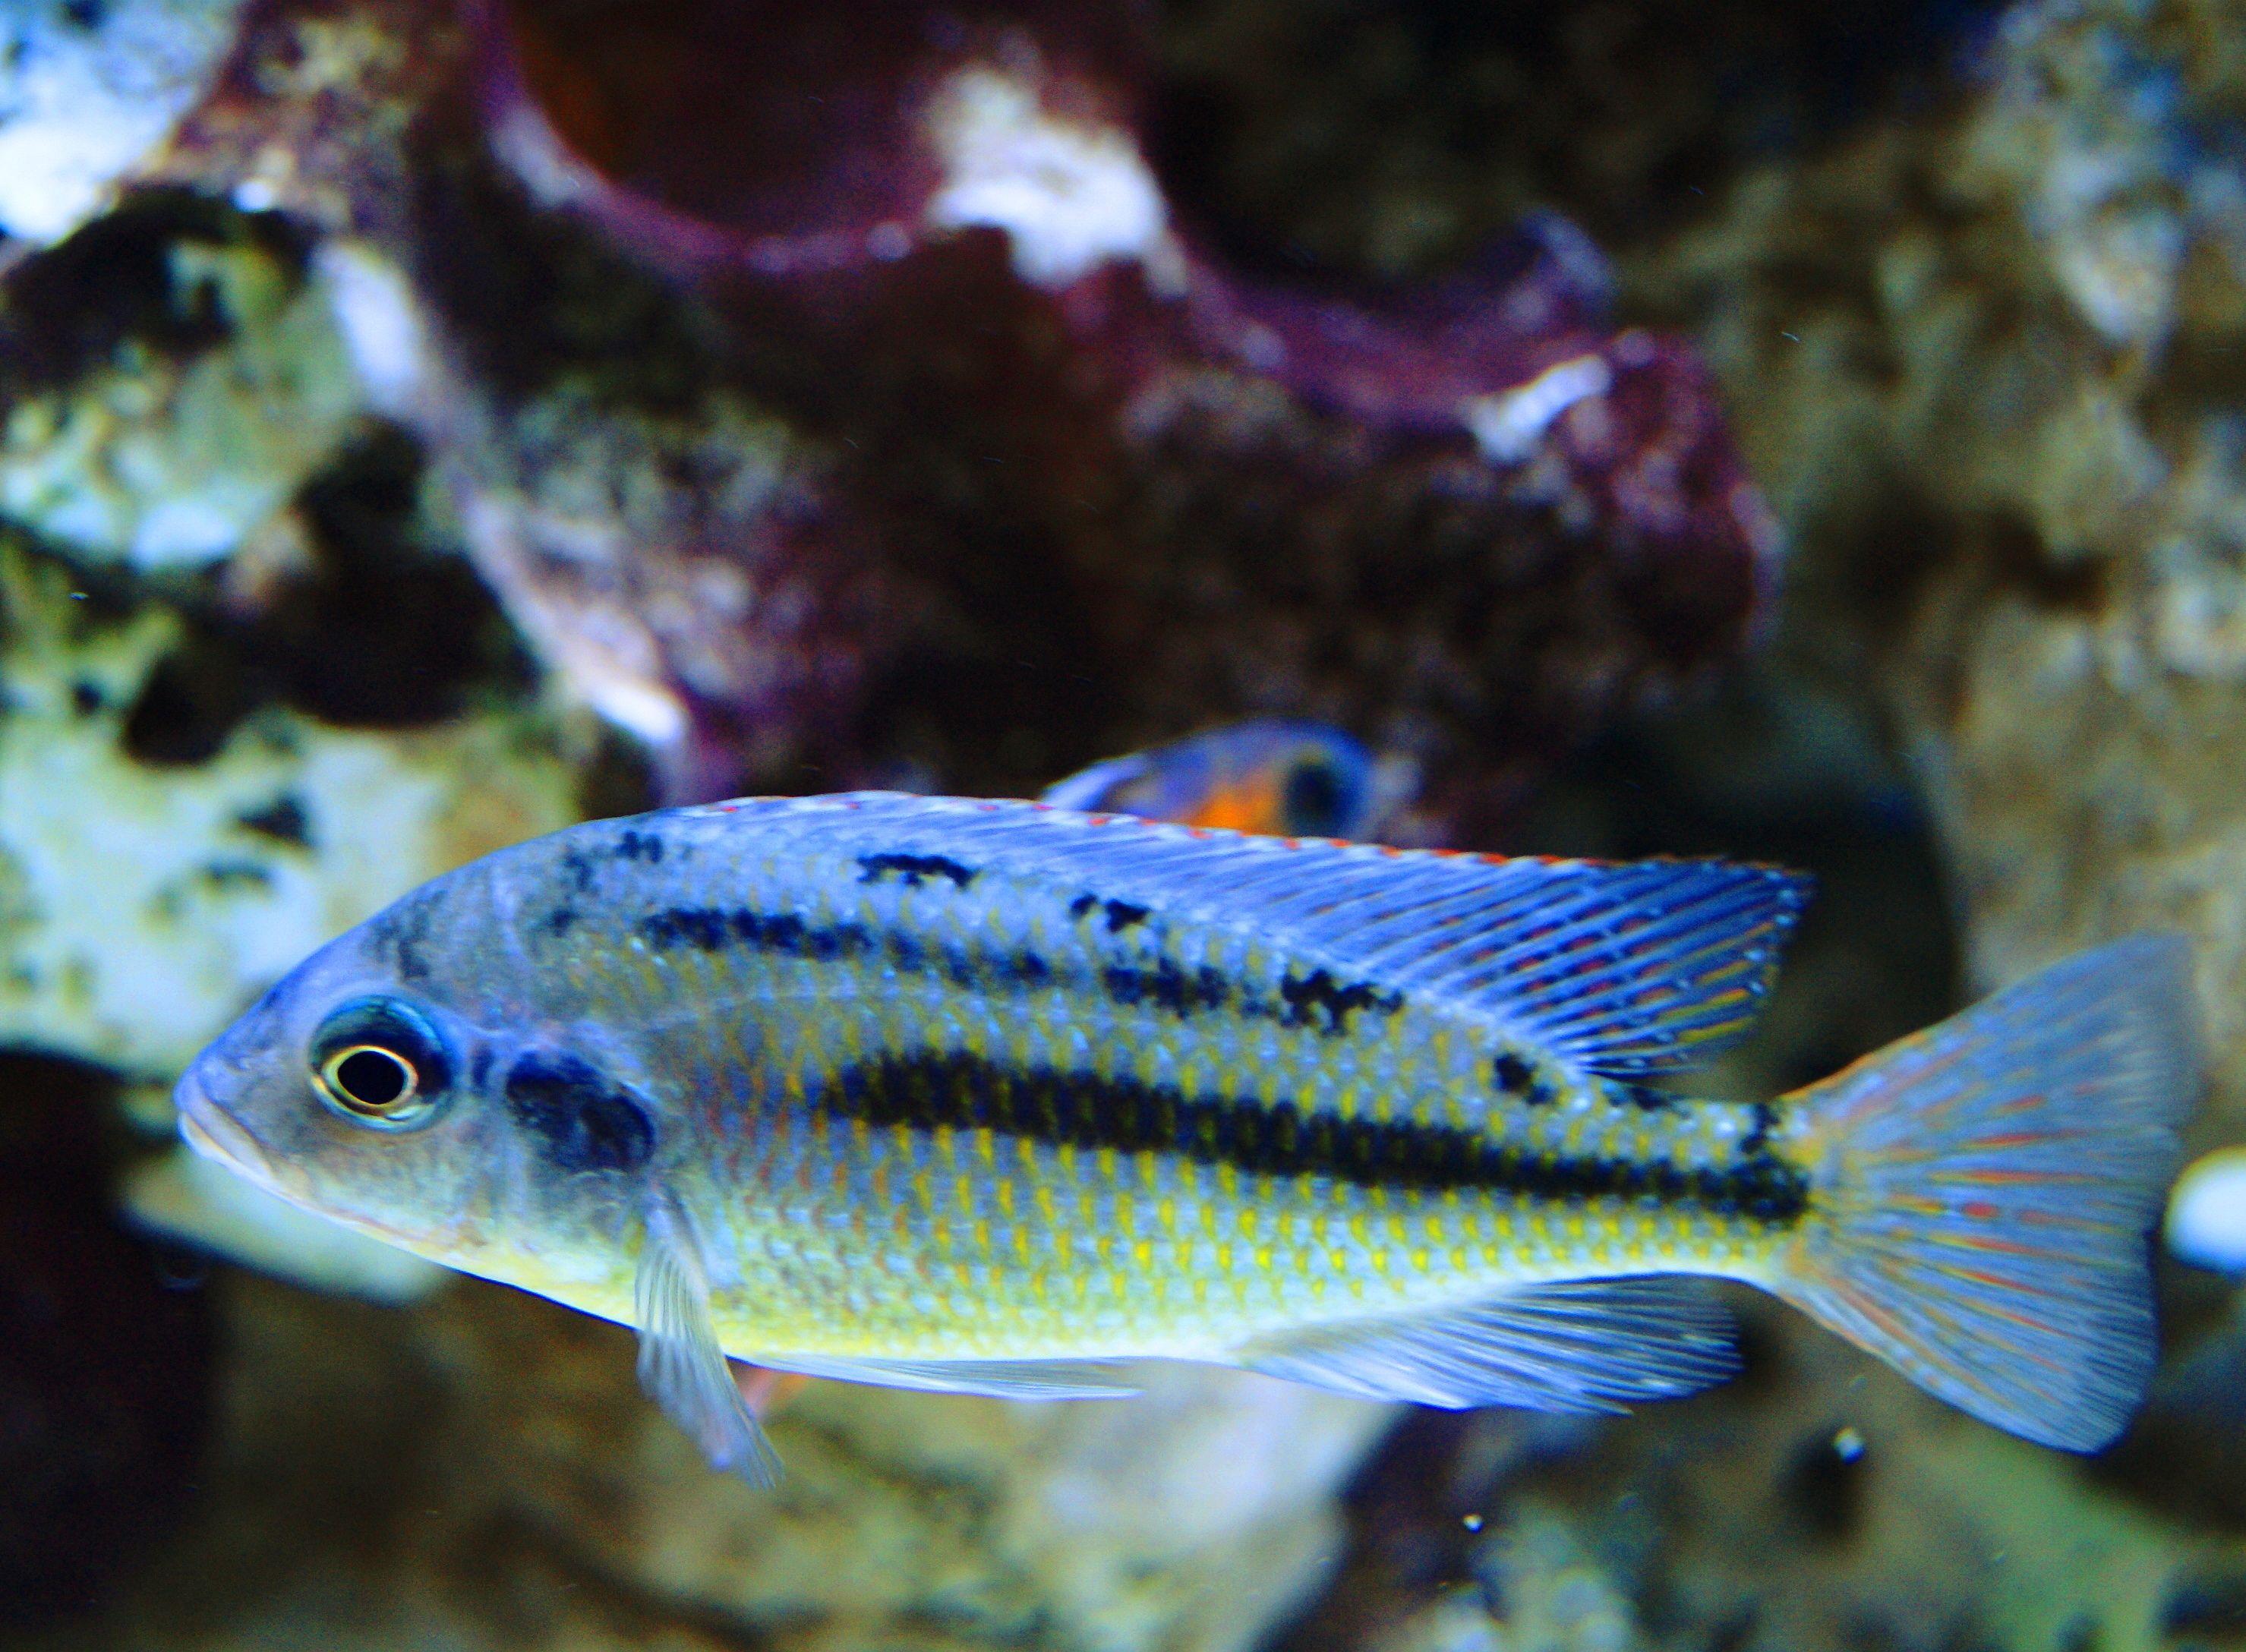 Protomelas Taeniolatus Red Empress Cichlid Protomelas Taeniolatus Red Super Red Empress Cichlid Starting To Color Cichlids Aquarium Fish Freshwater Aquarium